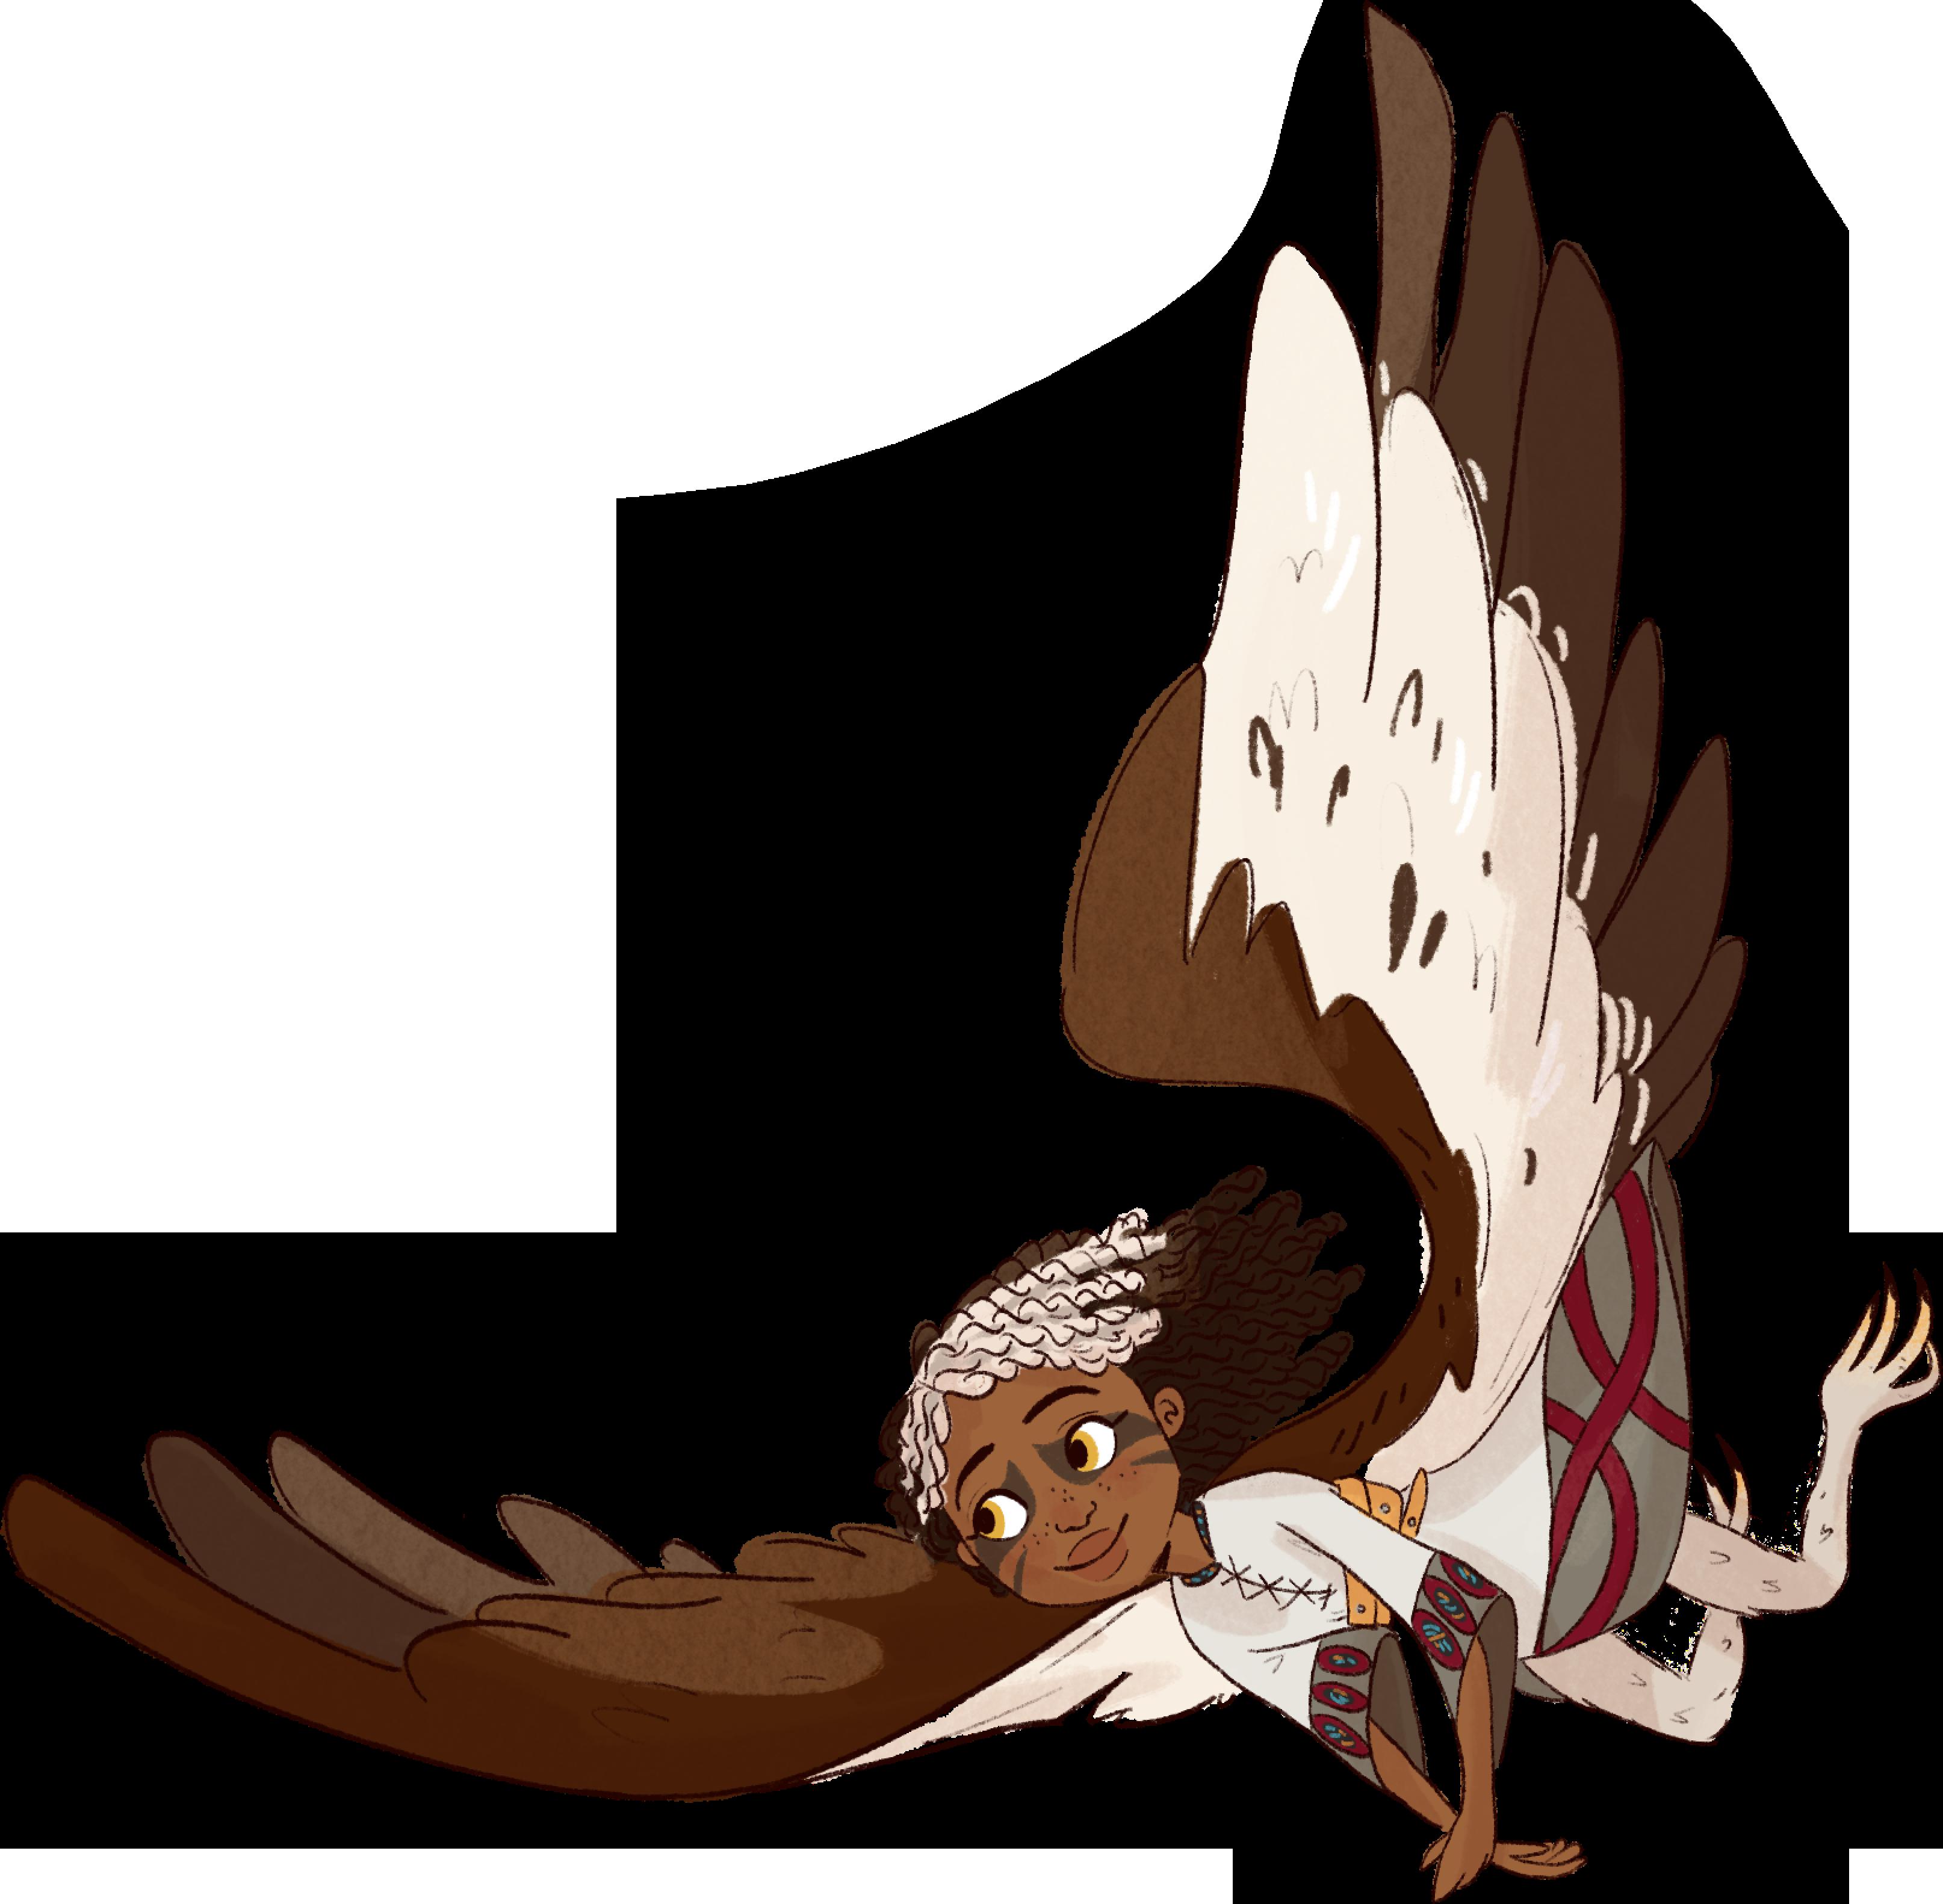 Illustration of Ava